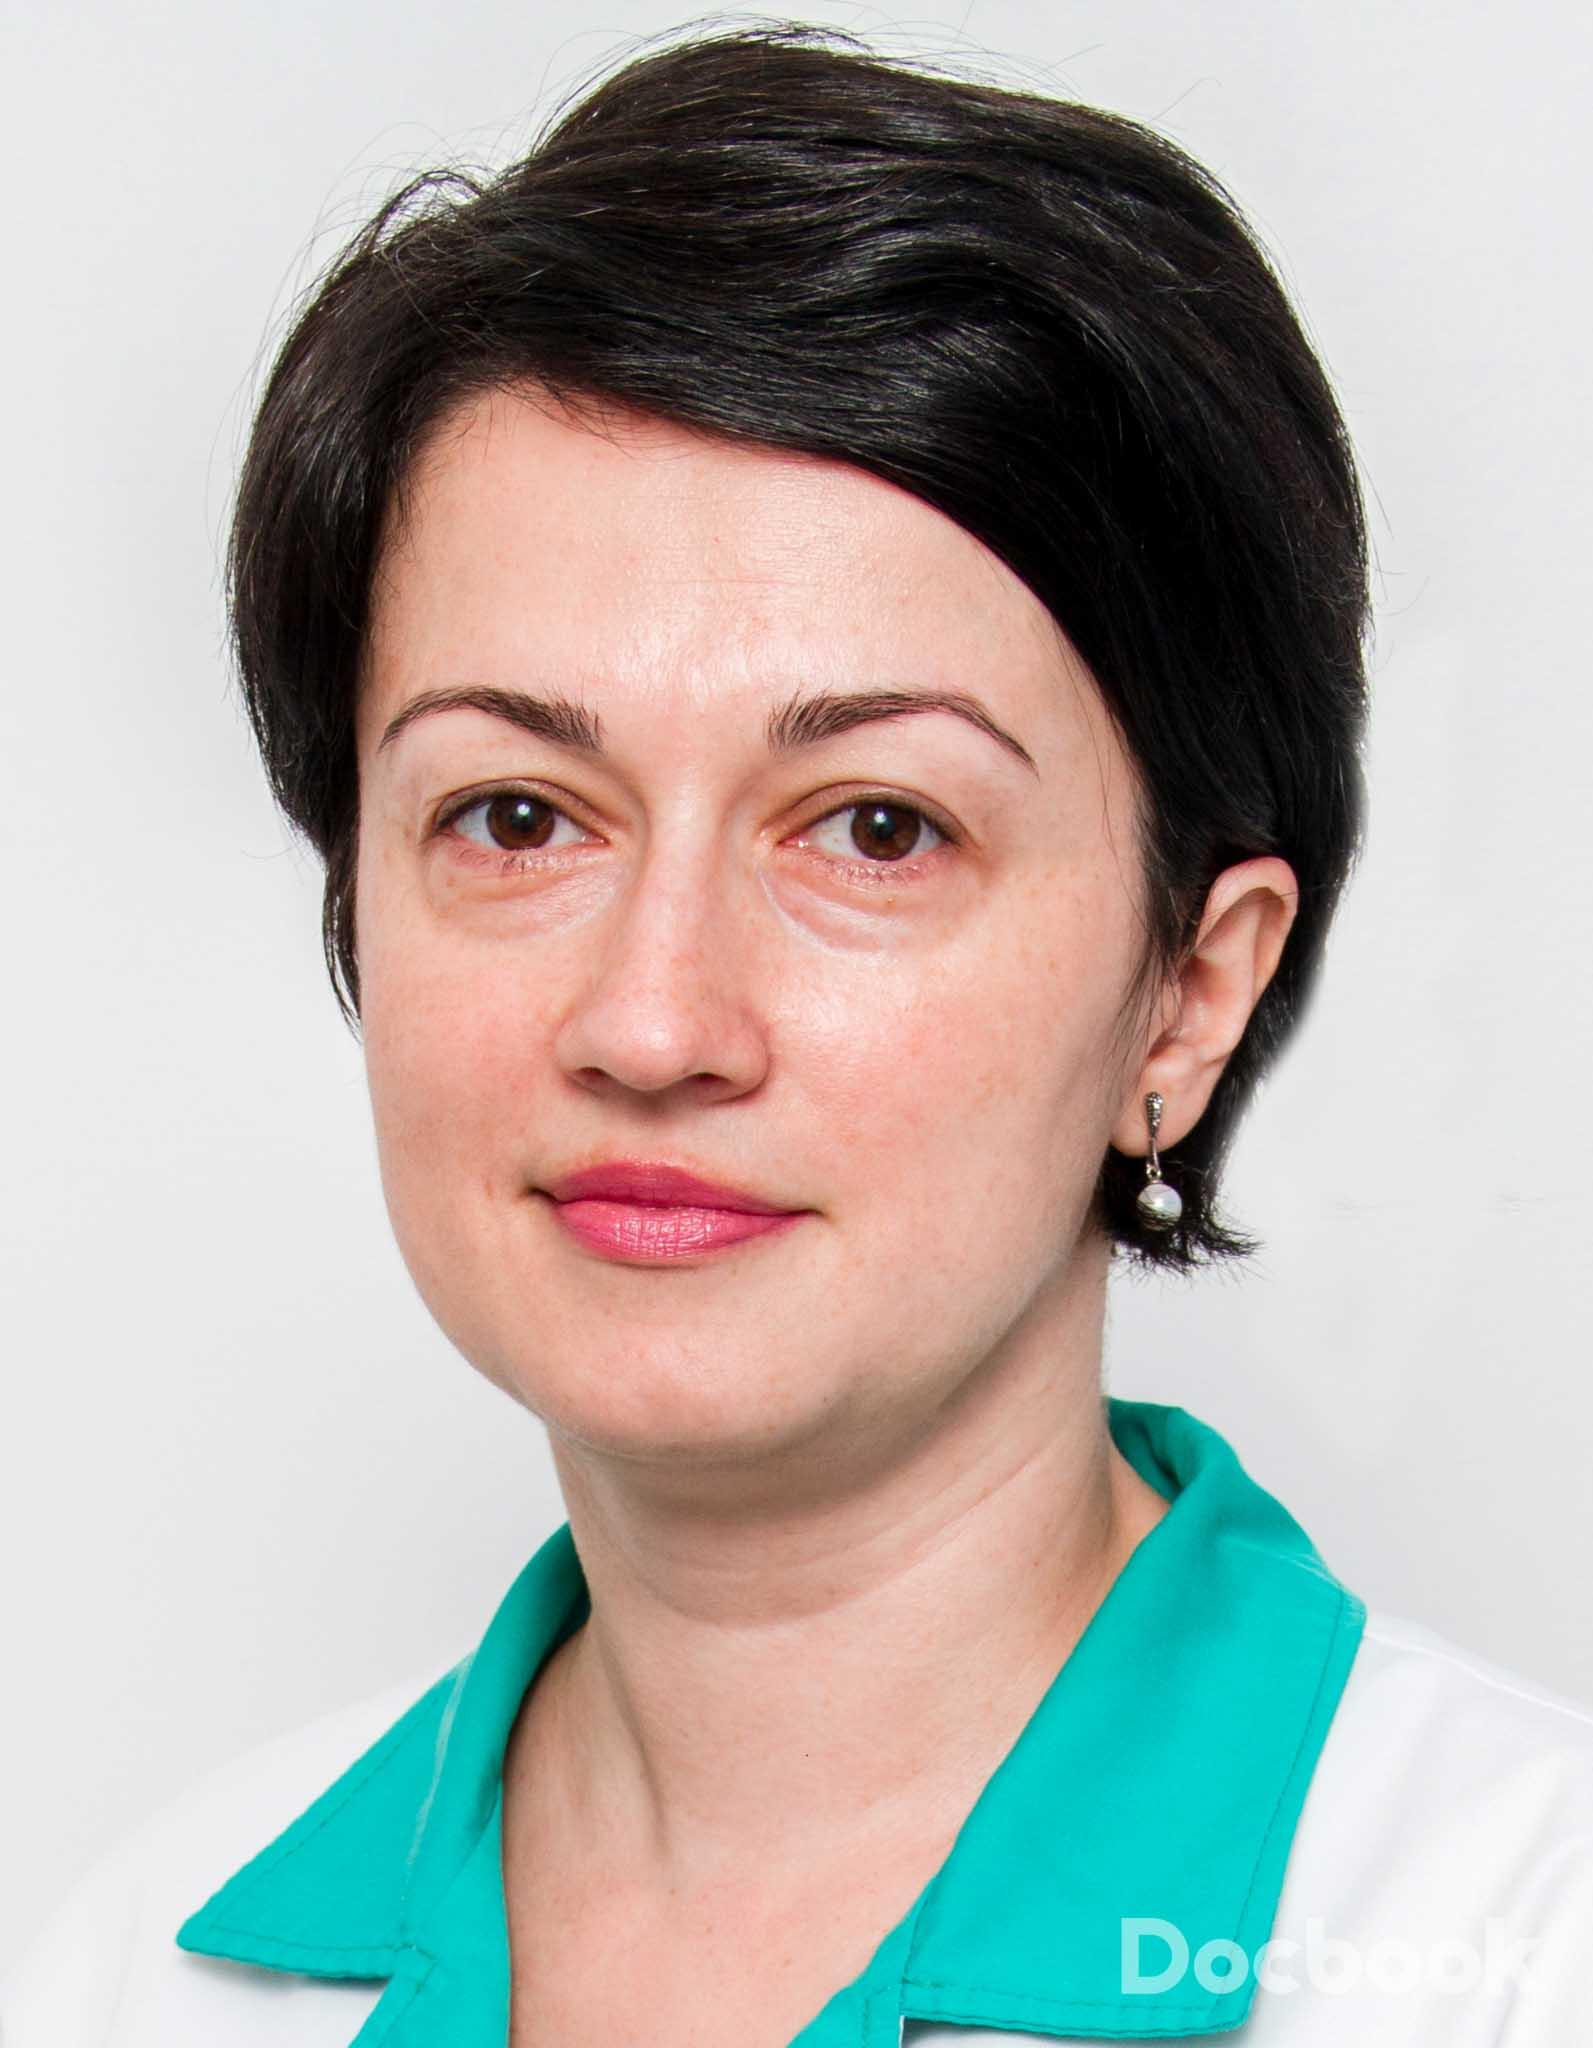 Dr. Jenica Vint